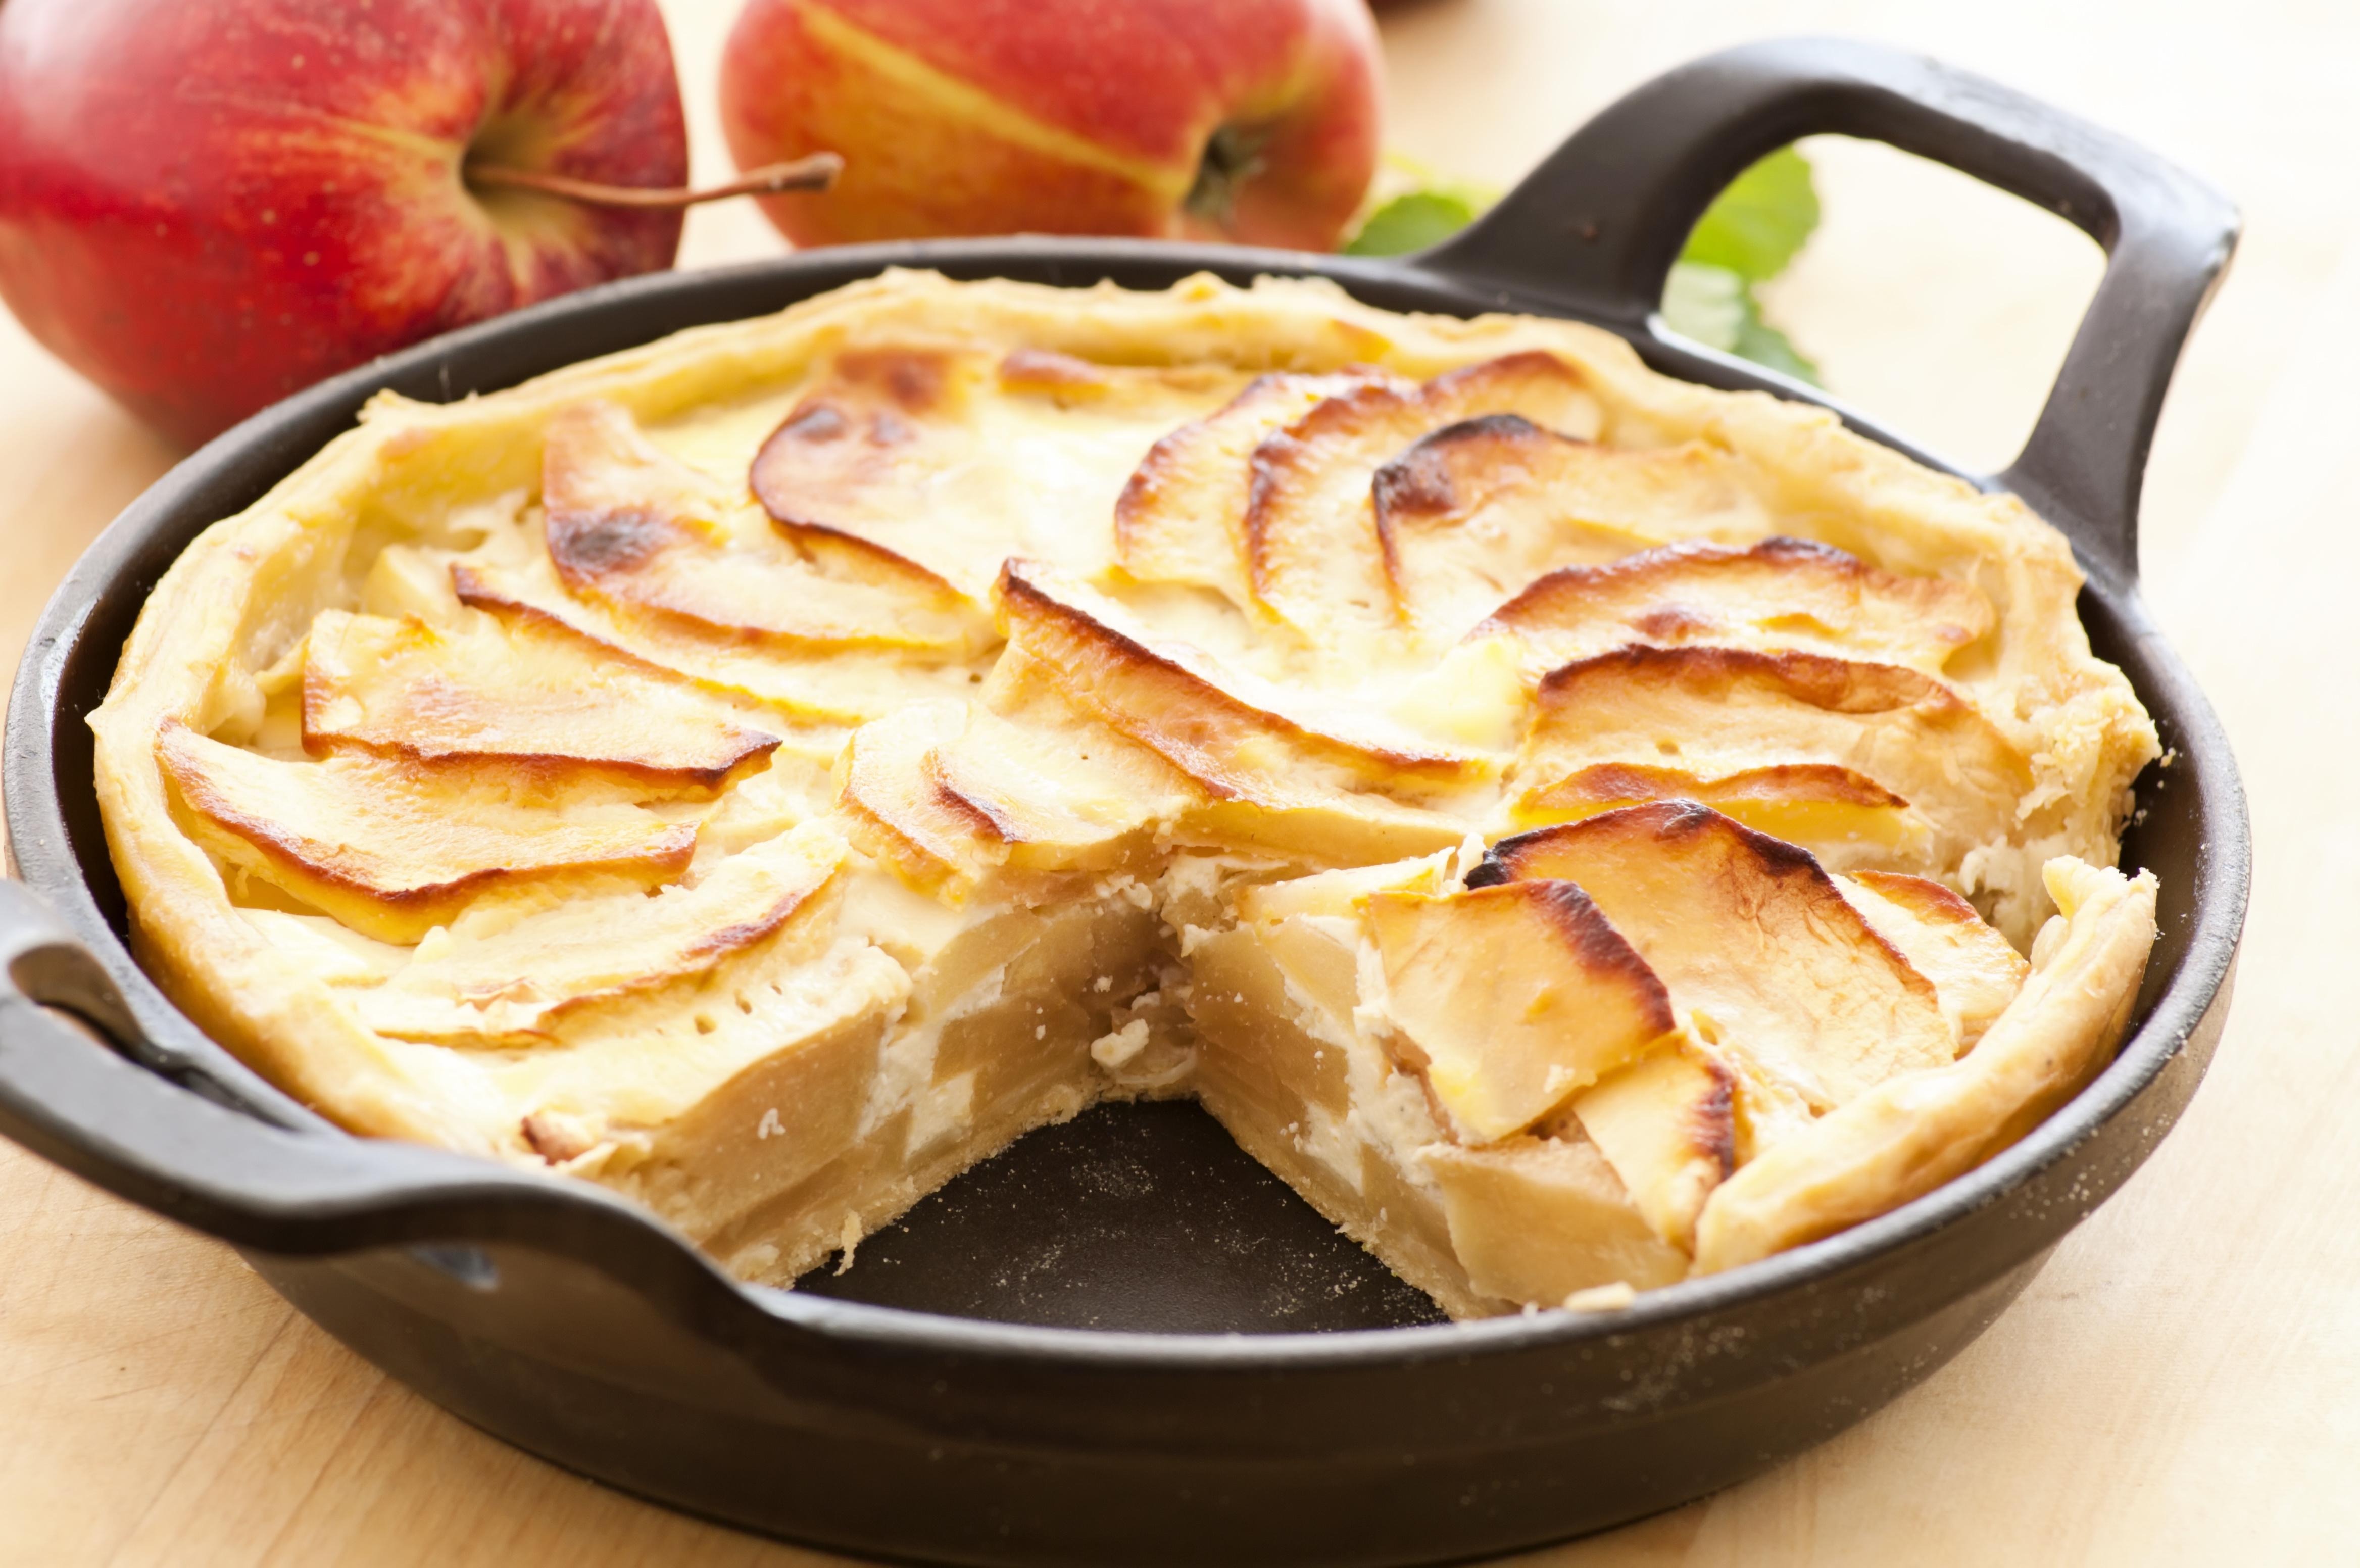 Tofino Kuchenguss süss für Obstkuchen für Gastronomie und